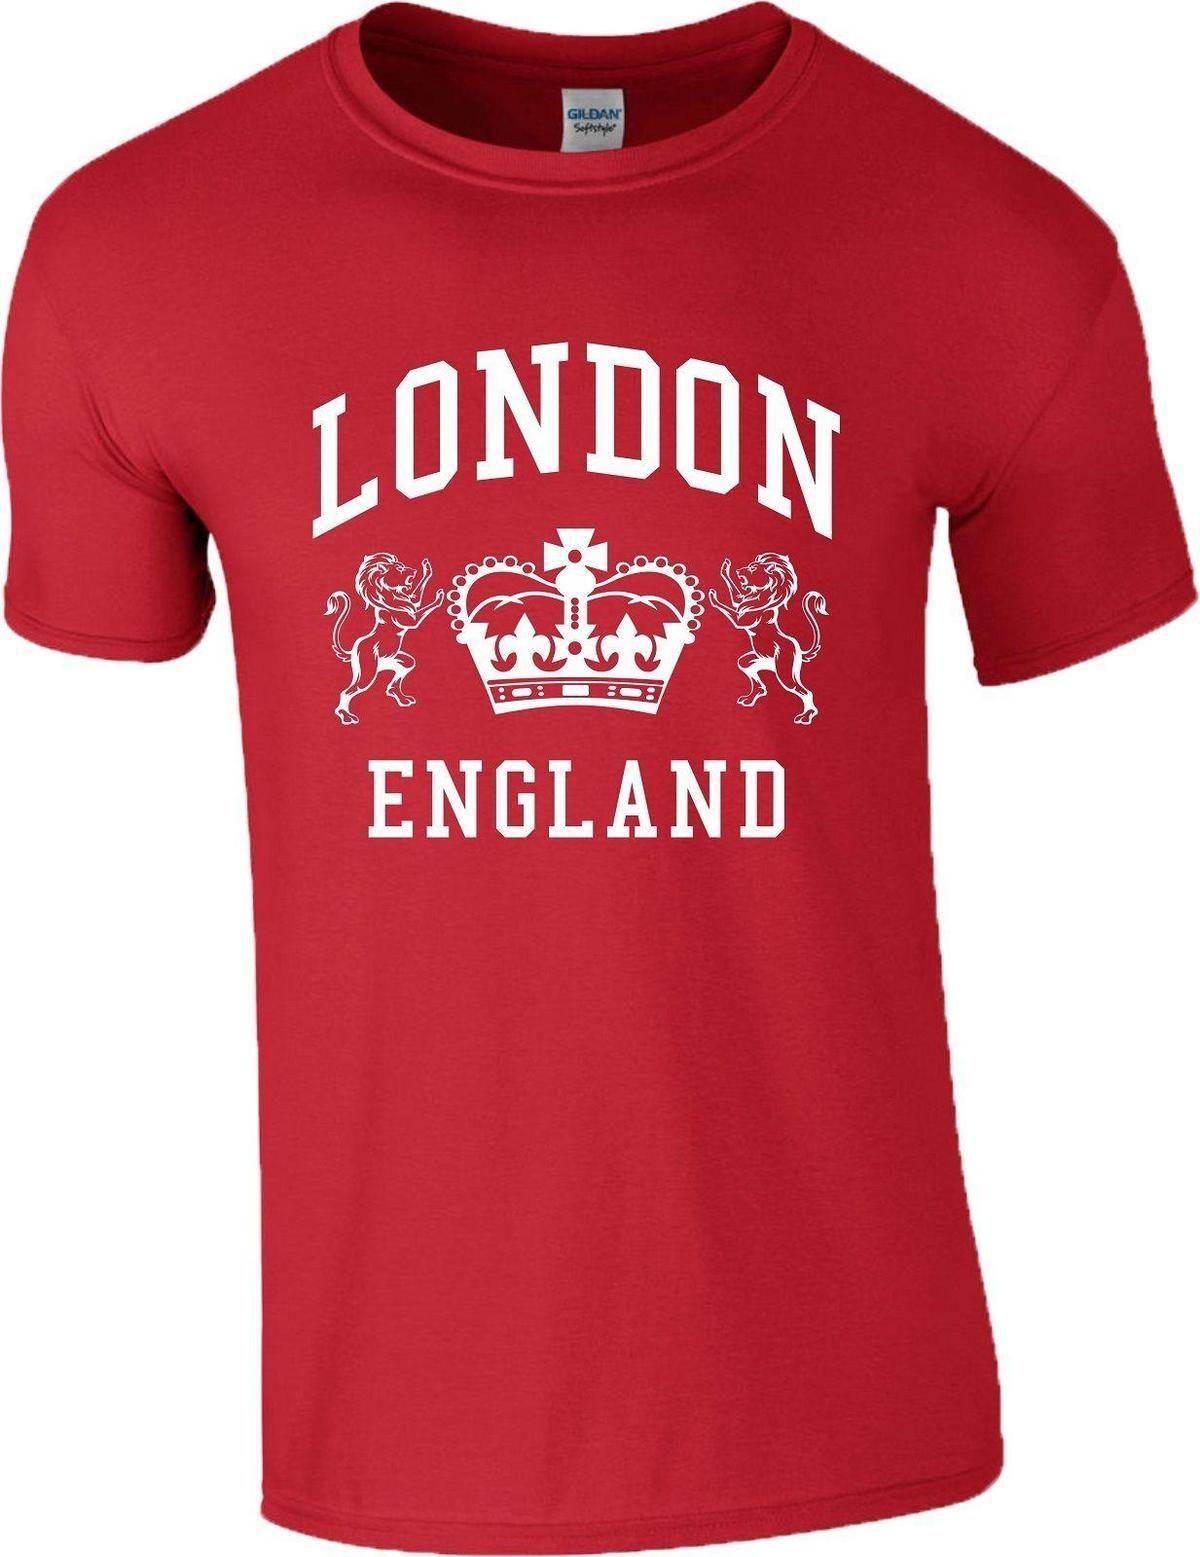 London England T Shirt Novelty Souvenir Tourist